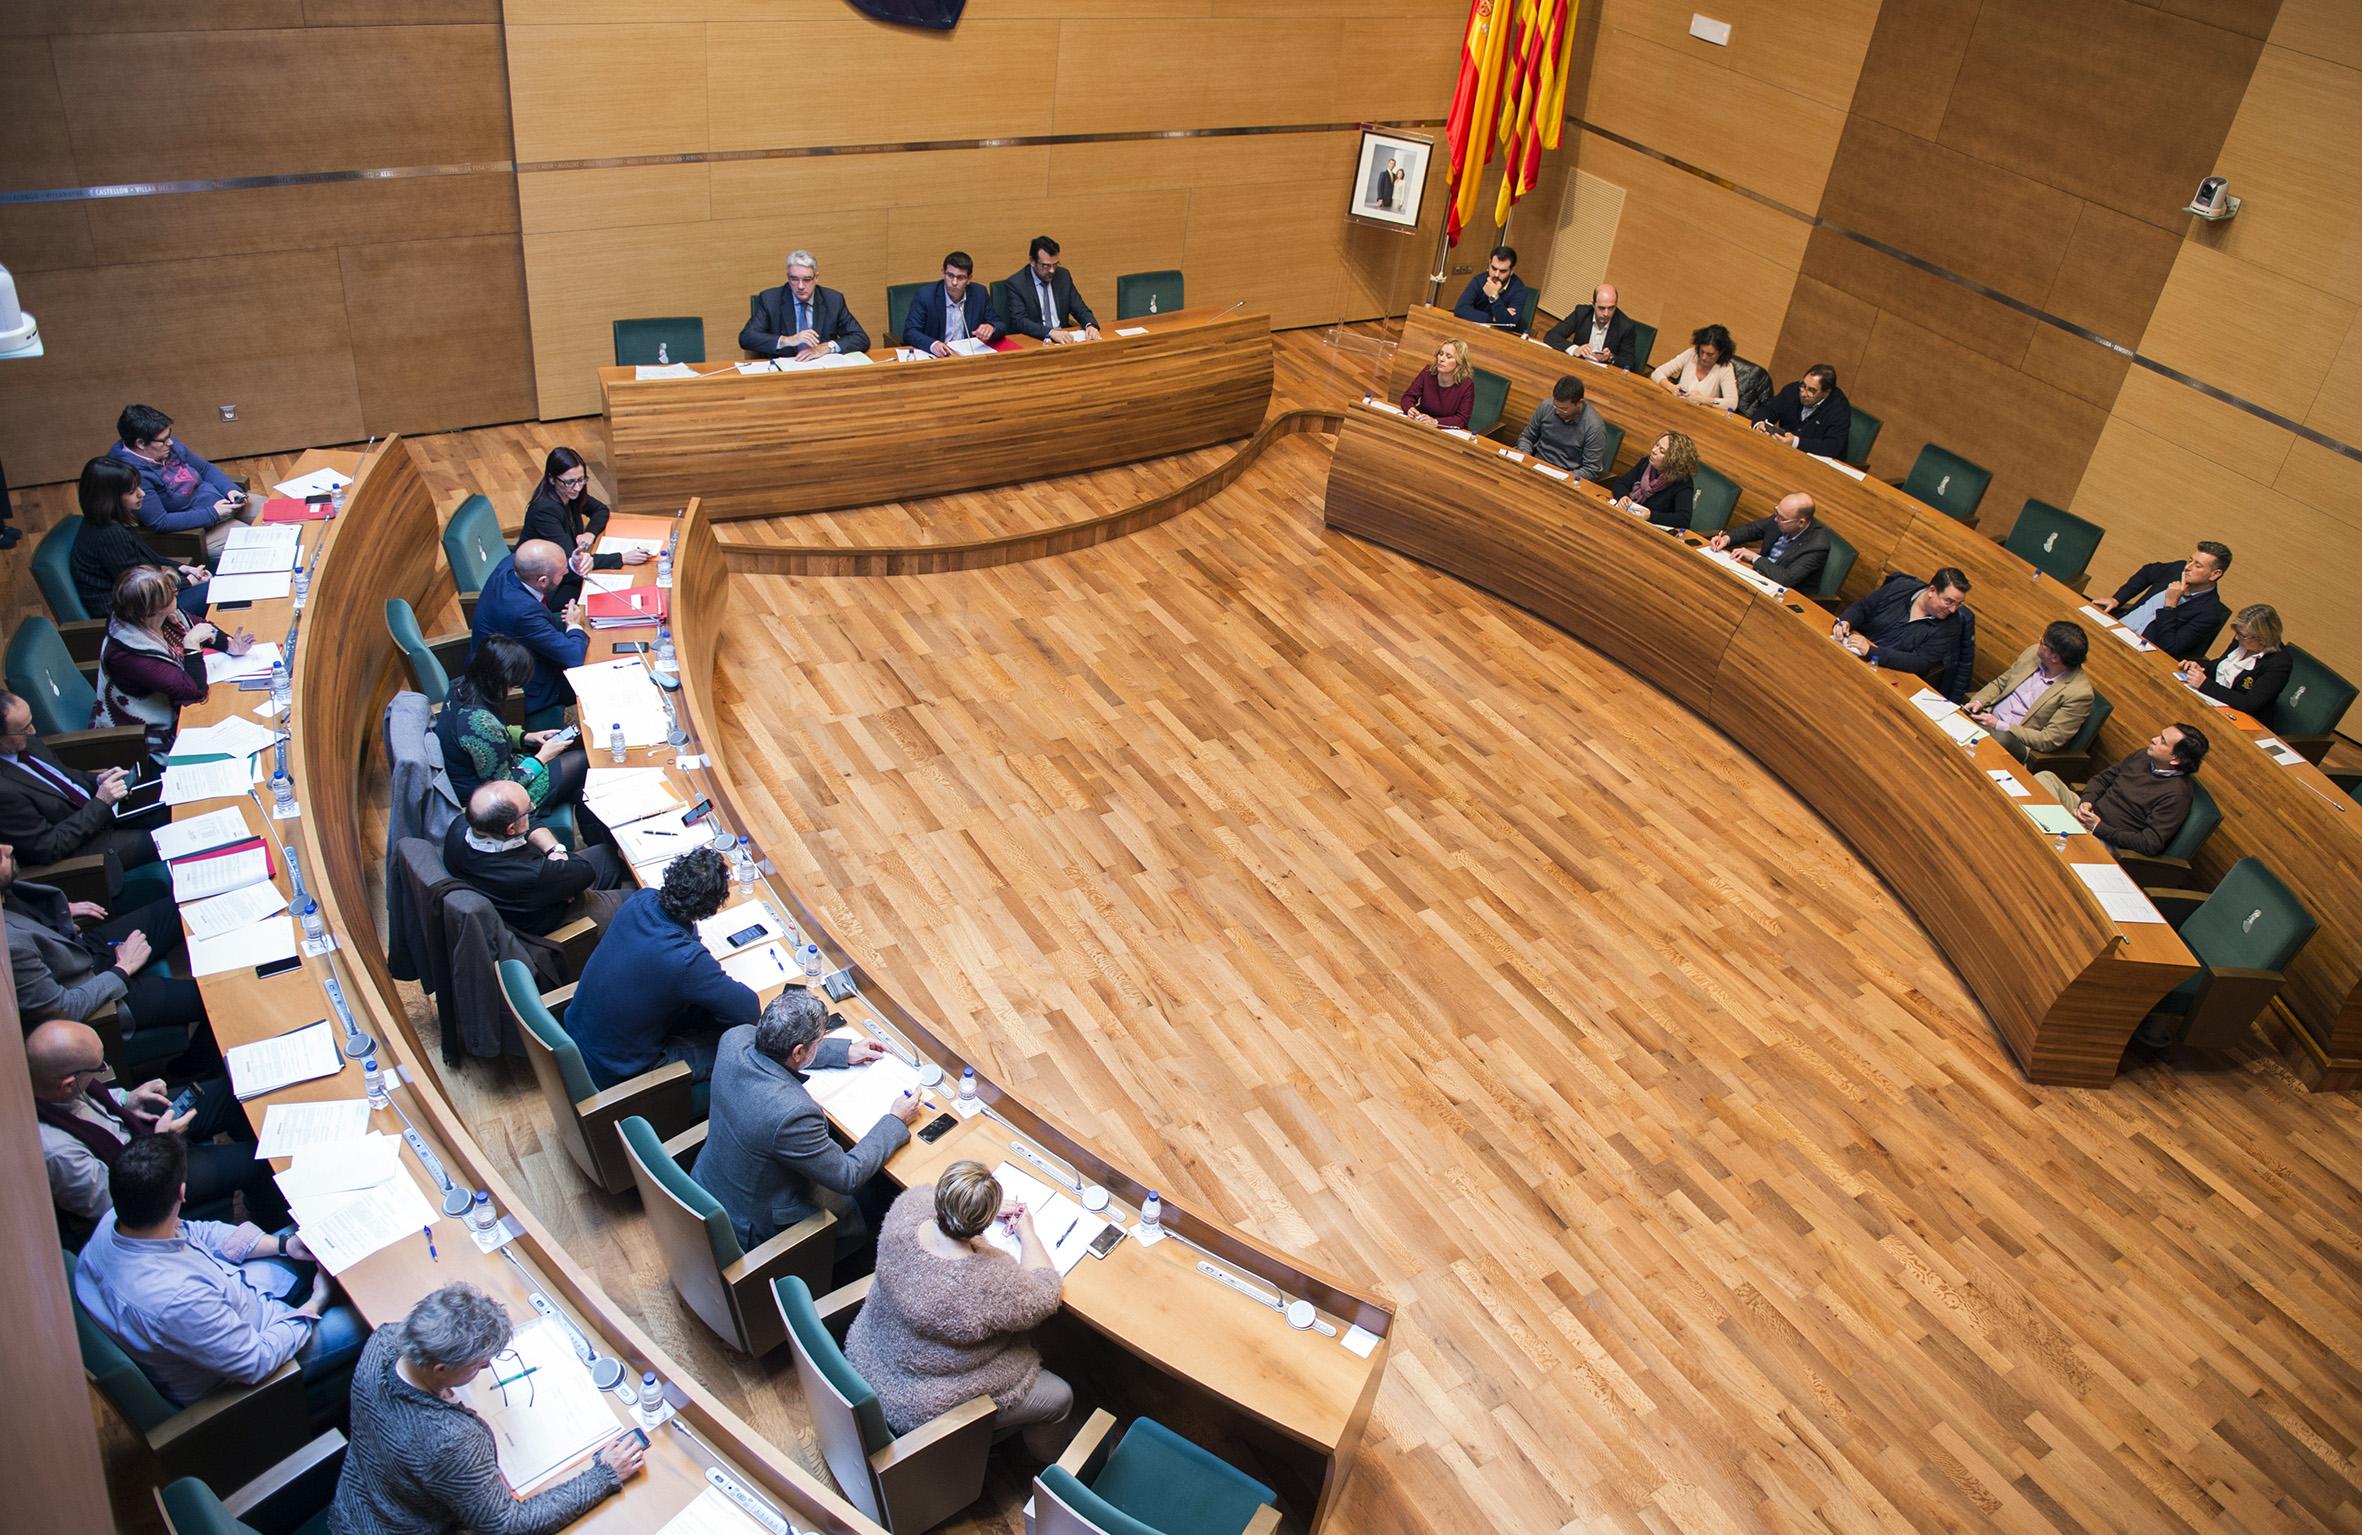 Pleno de la Diputación provincial de Valencia reunido en una sesión.